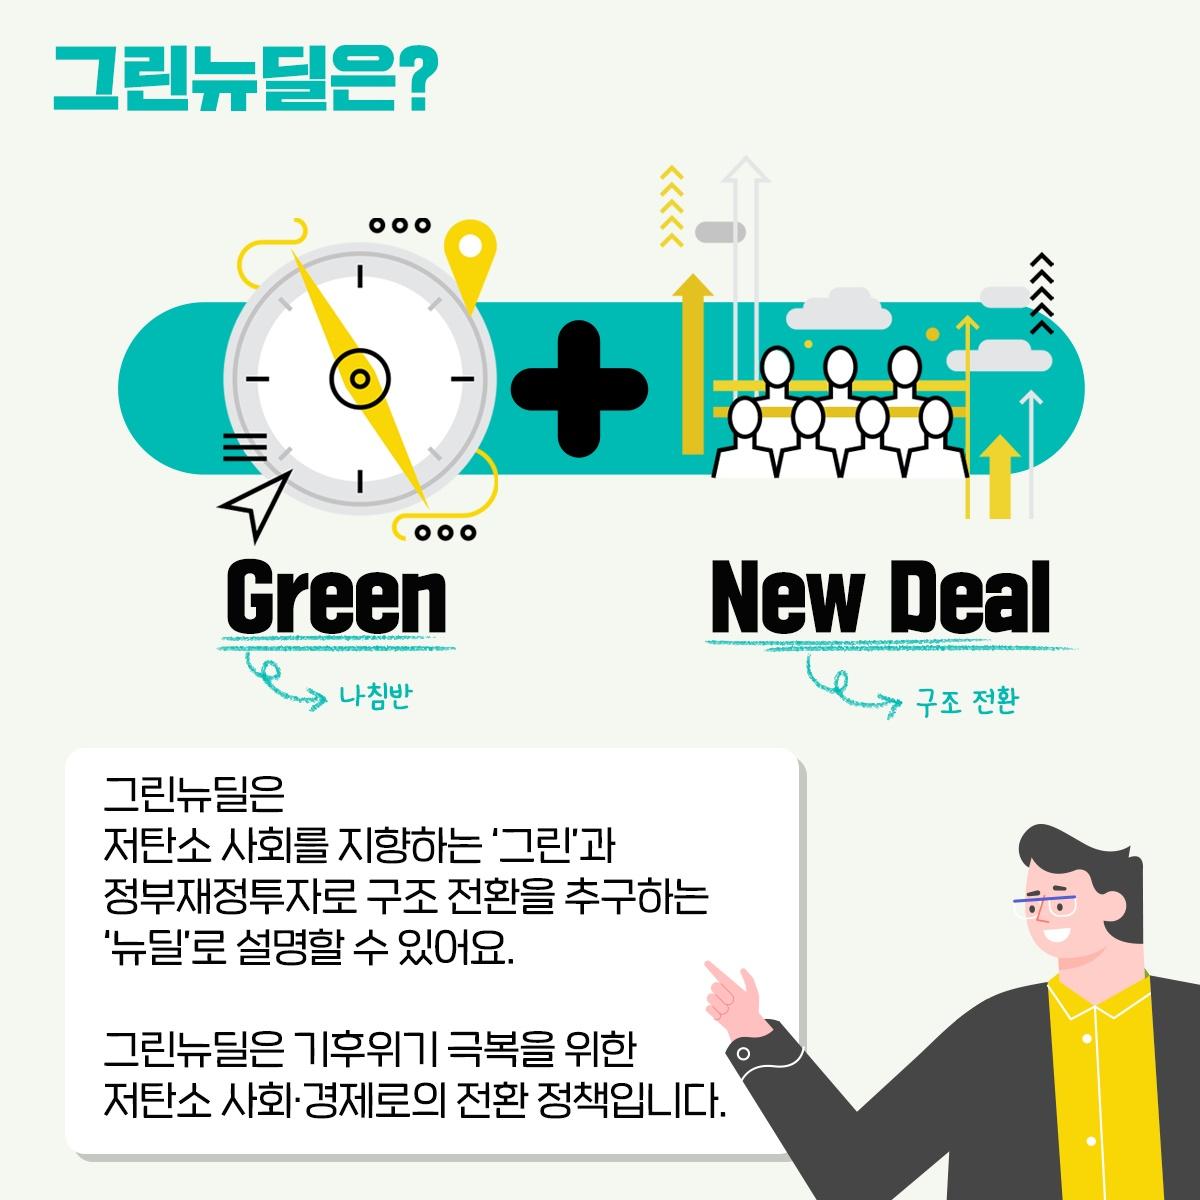 탄소중립 사회를 향한 그린뉴딜 첫걸음을 내딛습니다!